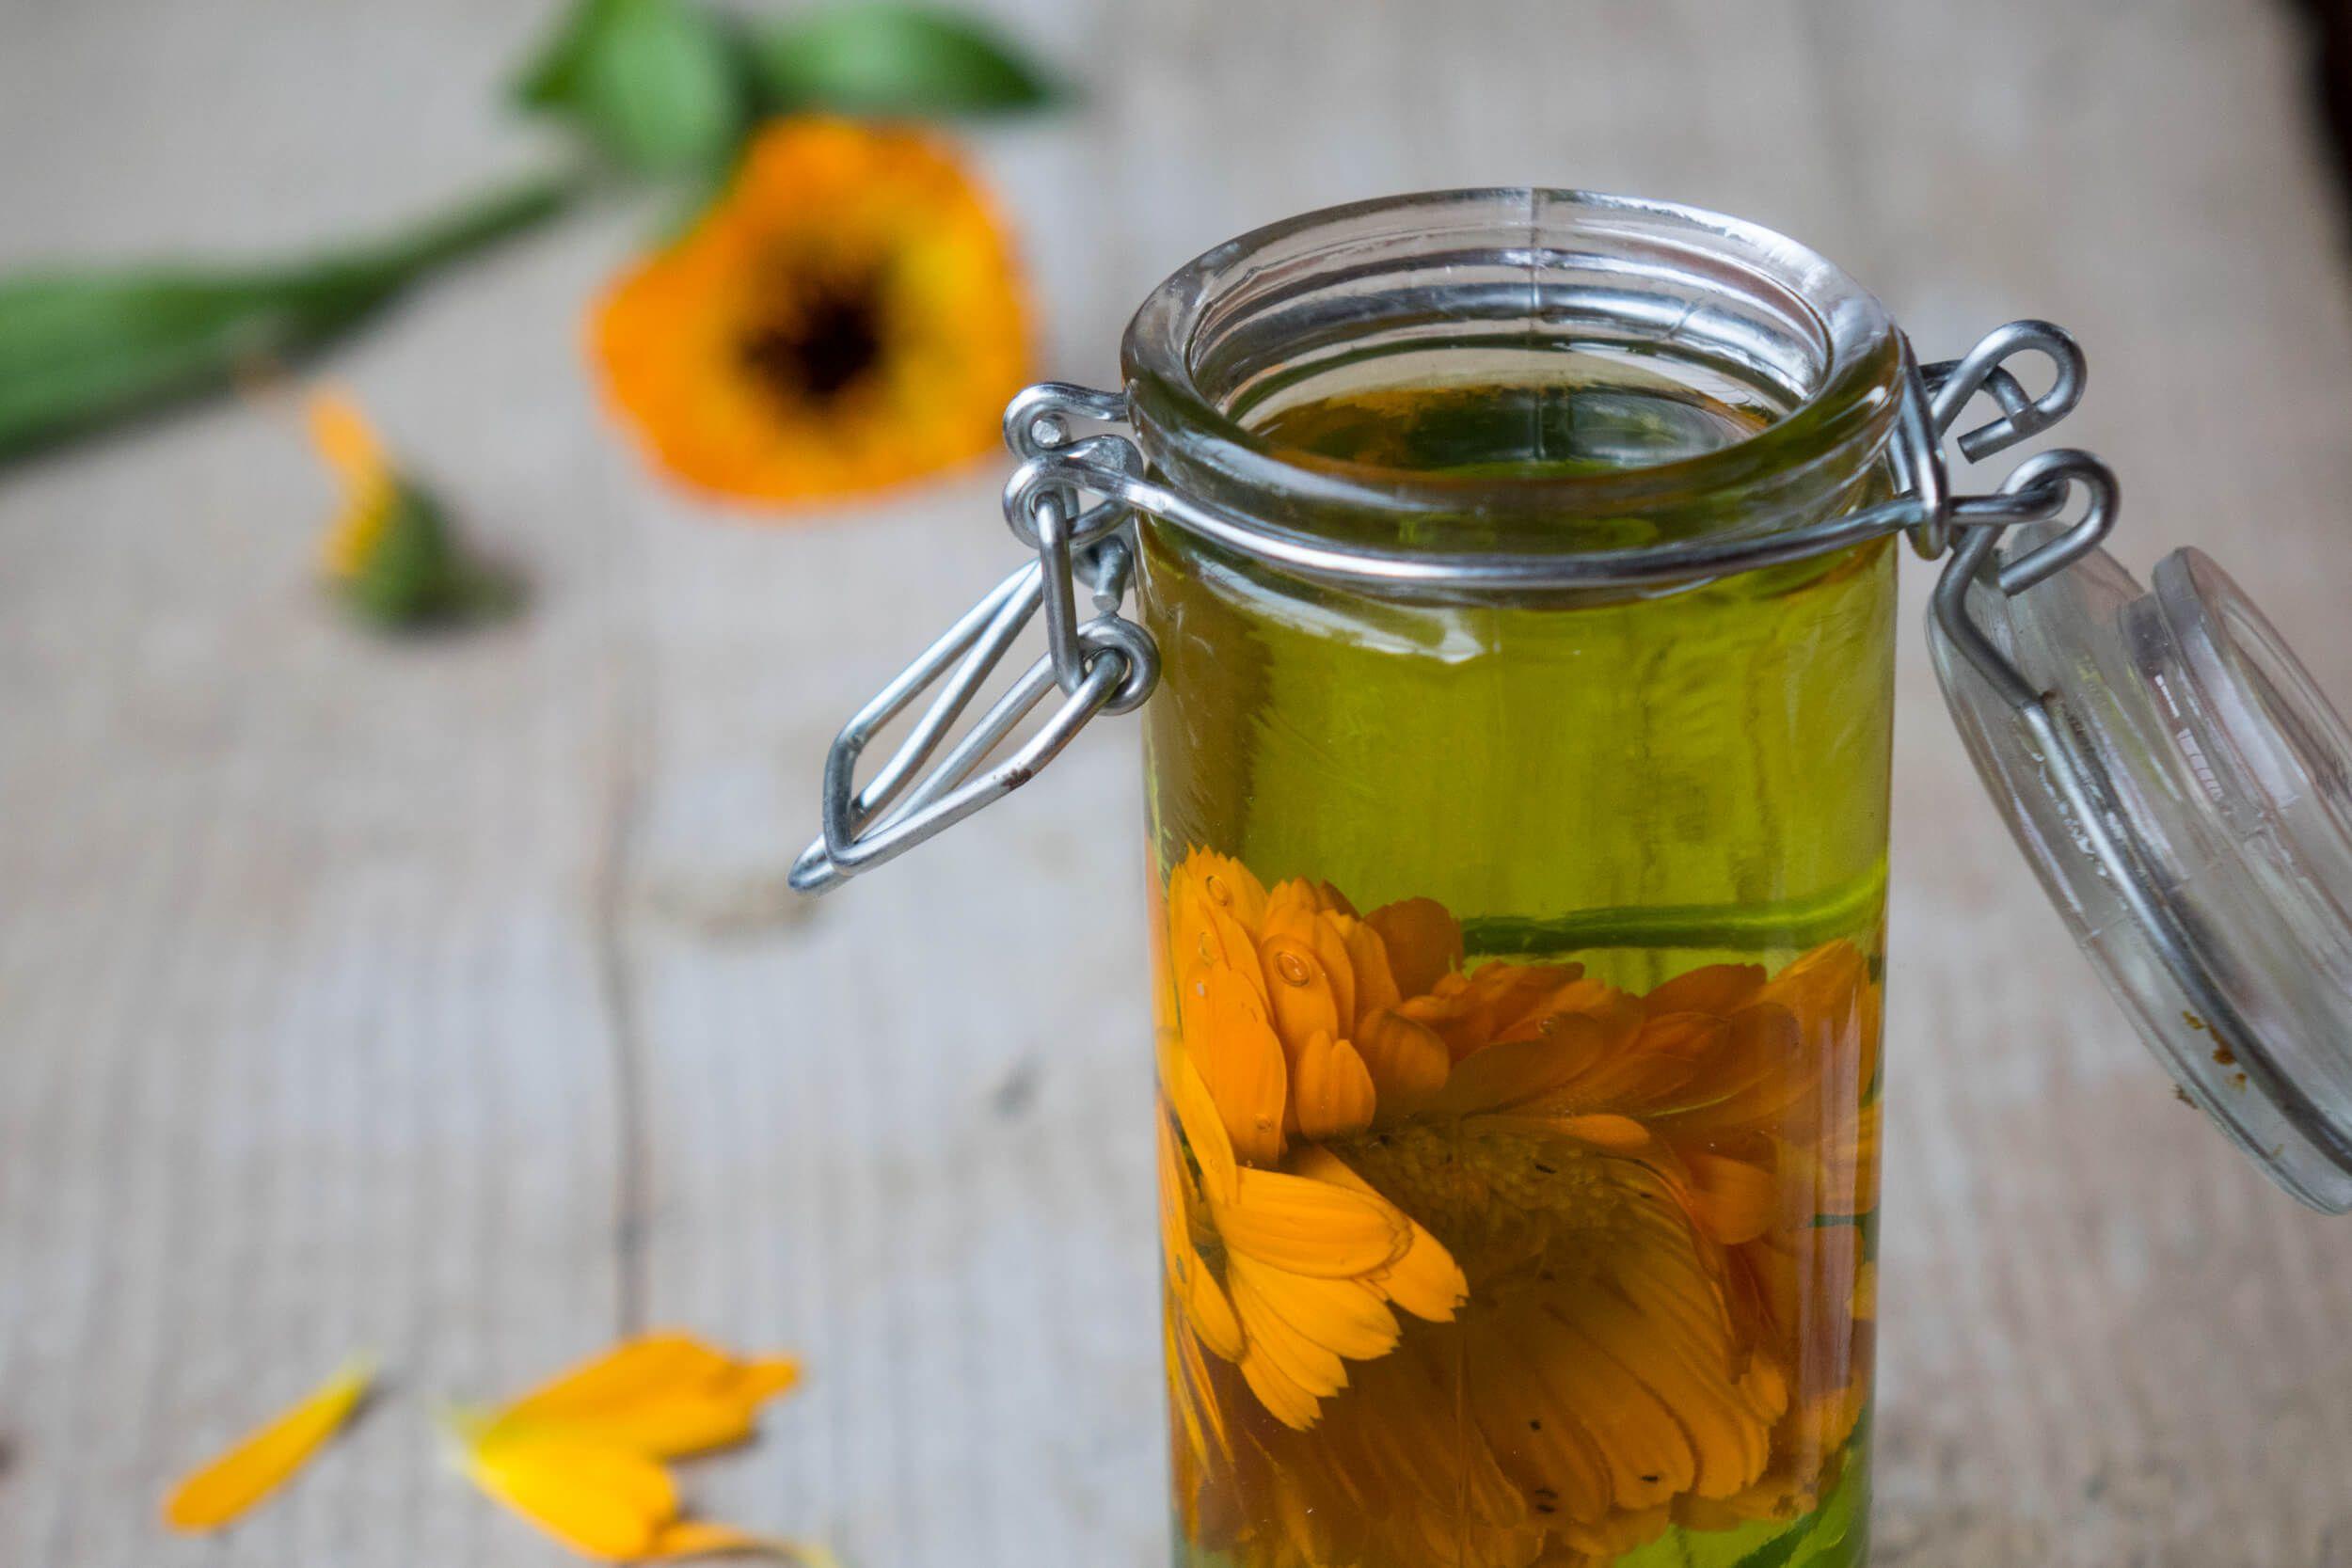 Jak Zrobic Olej Z Nagietka Lekarskiego Healing Herbs Herbs Healthy Tips